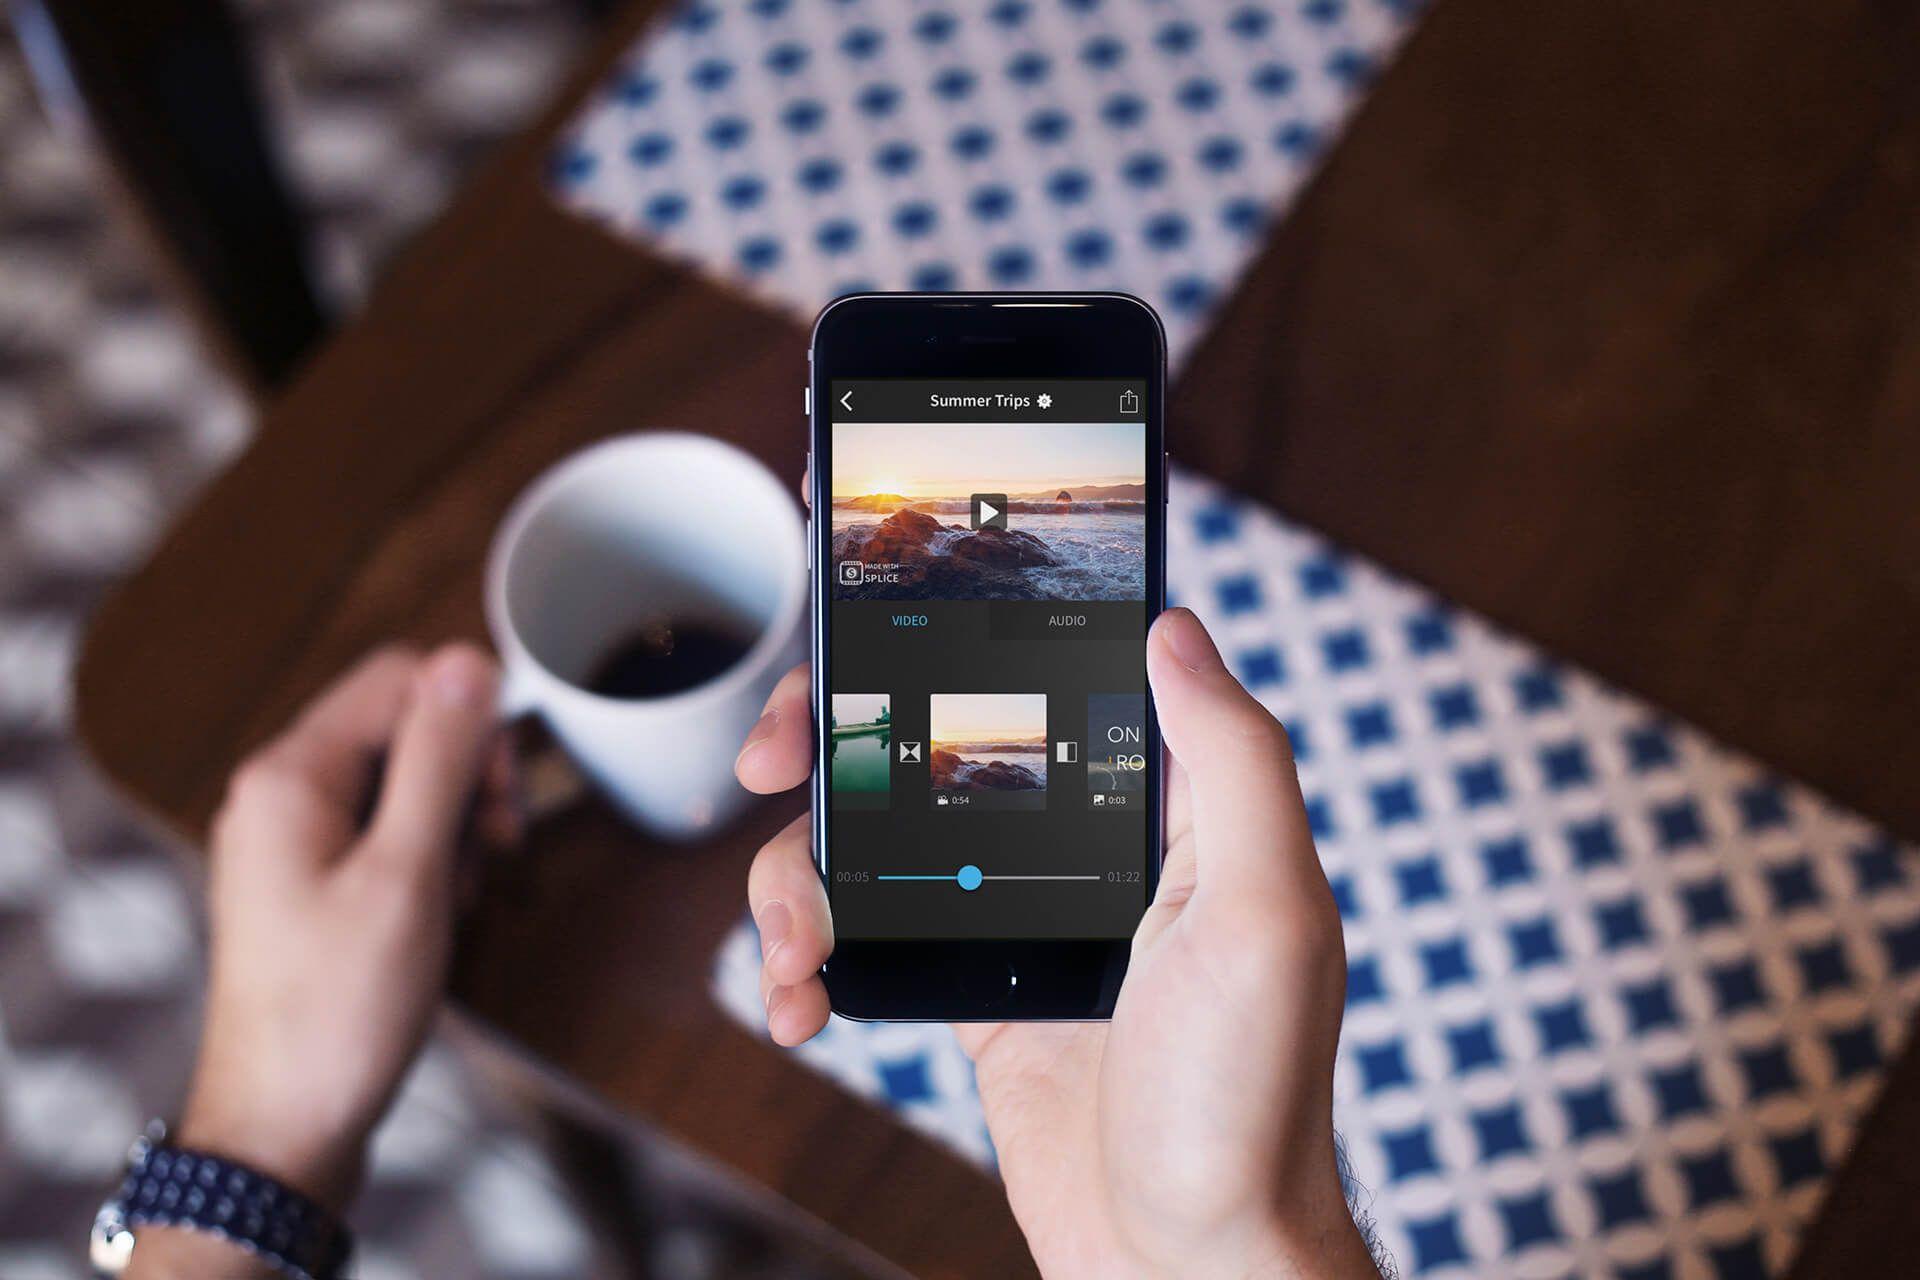 برنامج تركيب الصور على الاغانى لعمل فيديو بالعربى تحميل